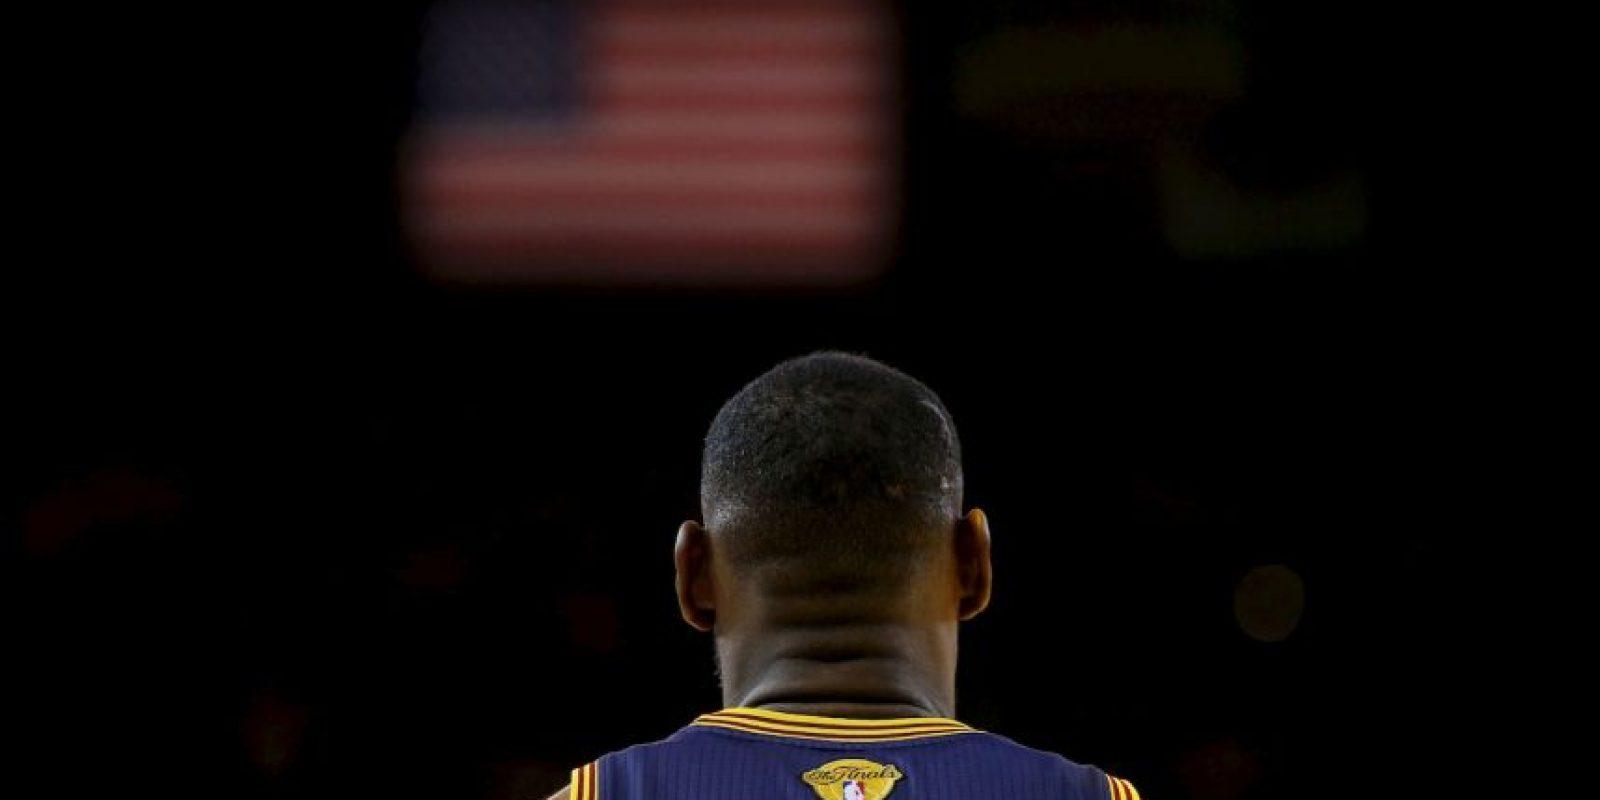 A lo largo de toda su carrera lleva anotados más de 15 mil puntos y de ellos, alrededor de mil 200 en playoffs. Foto:Getty Images